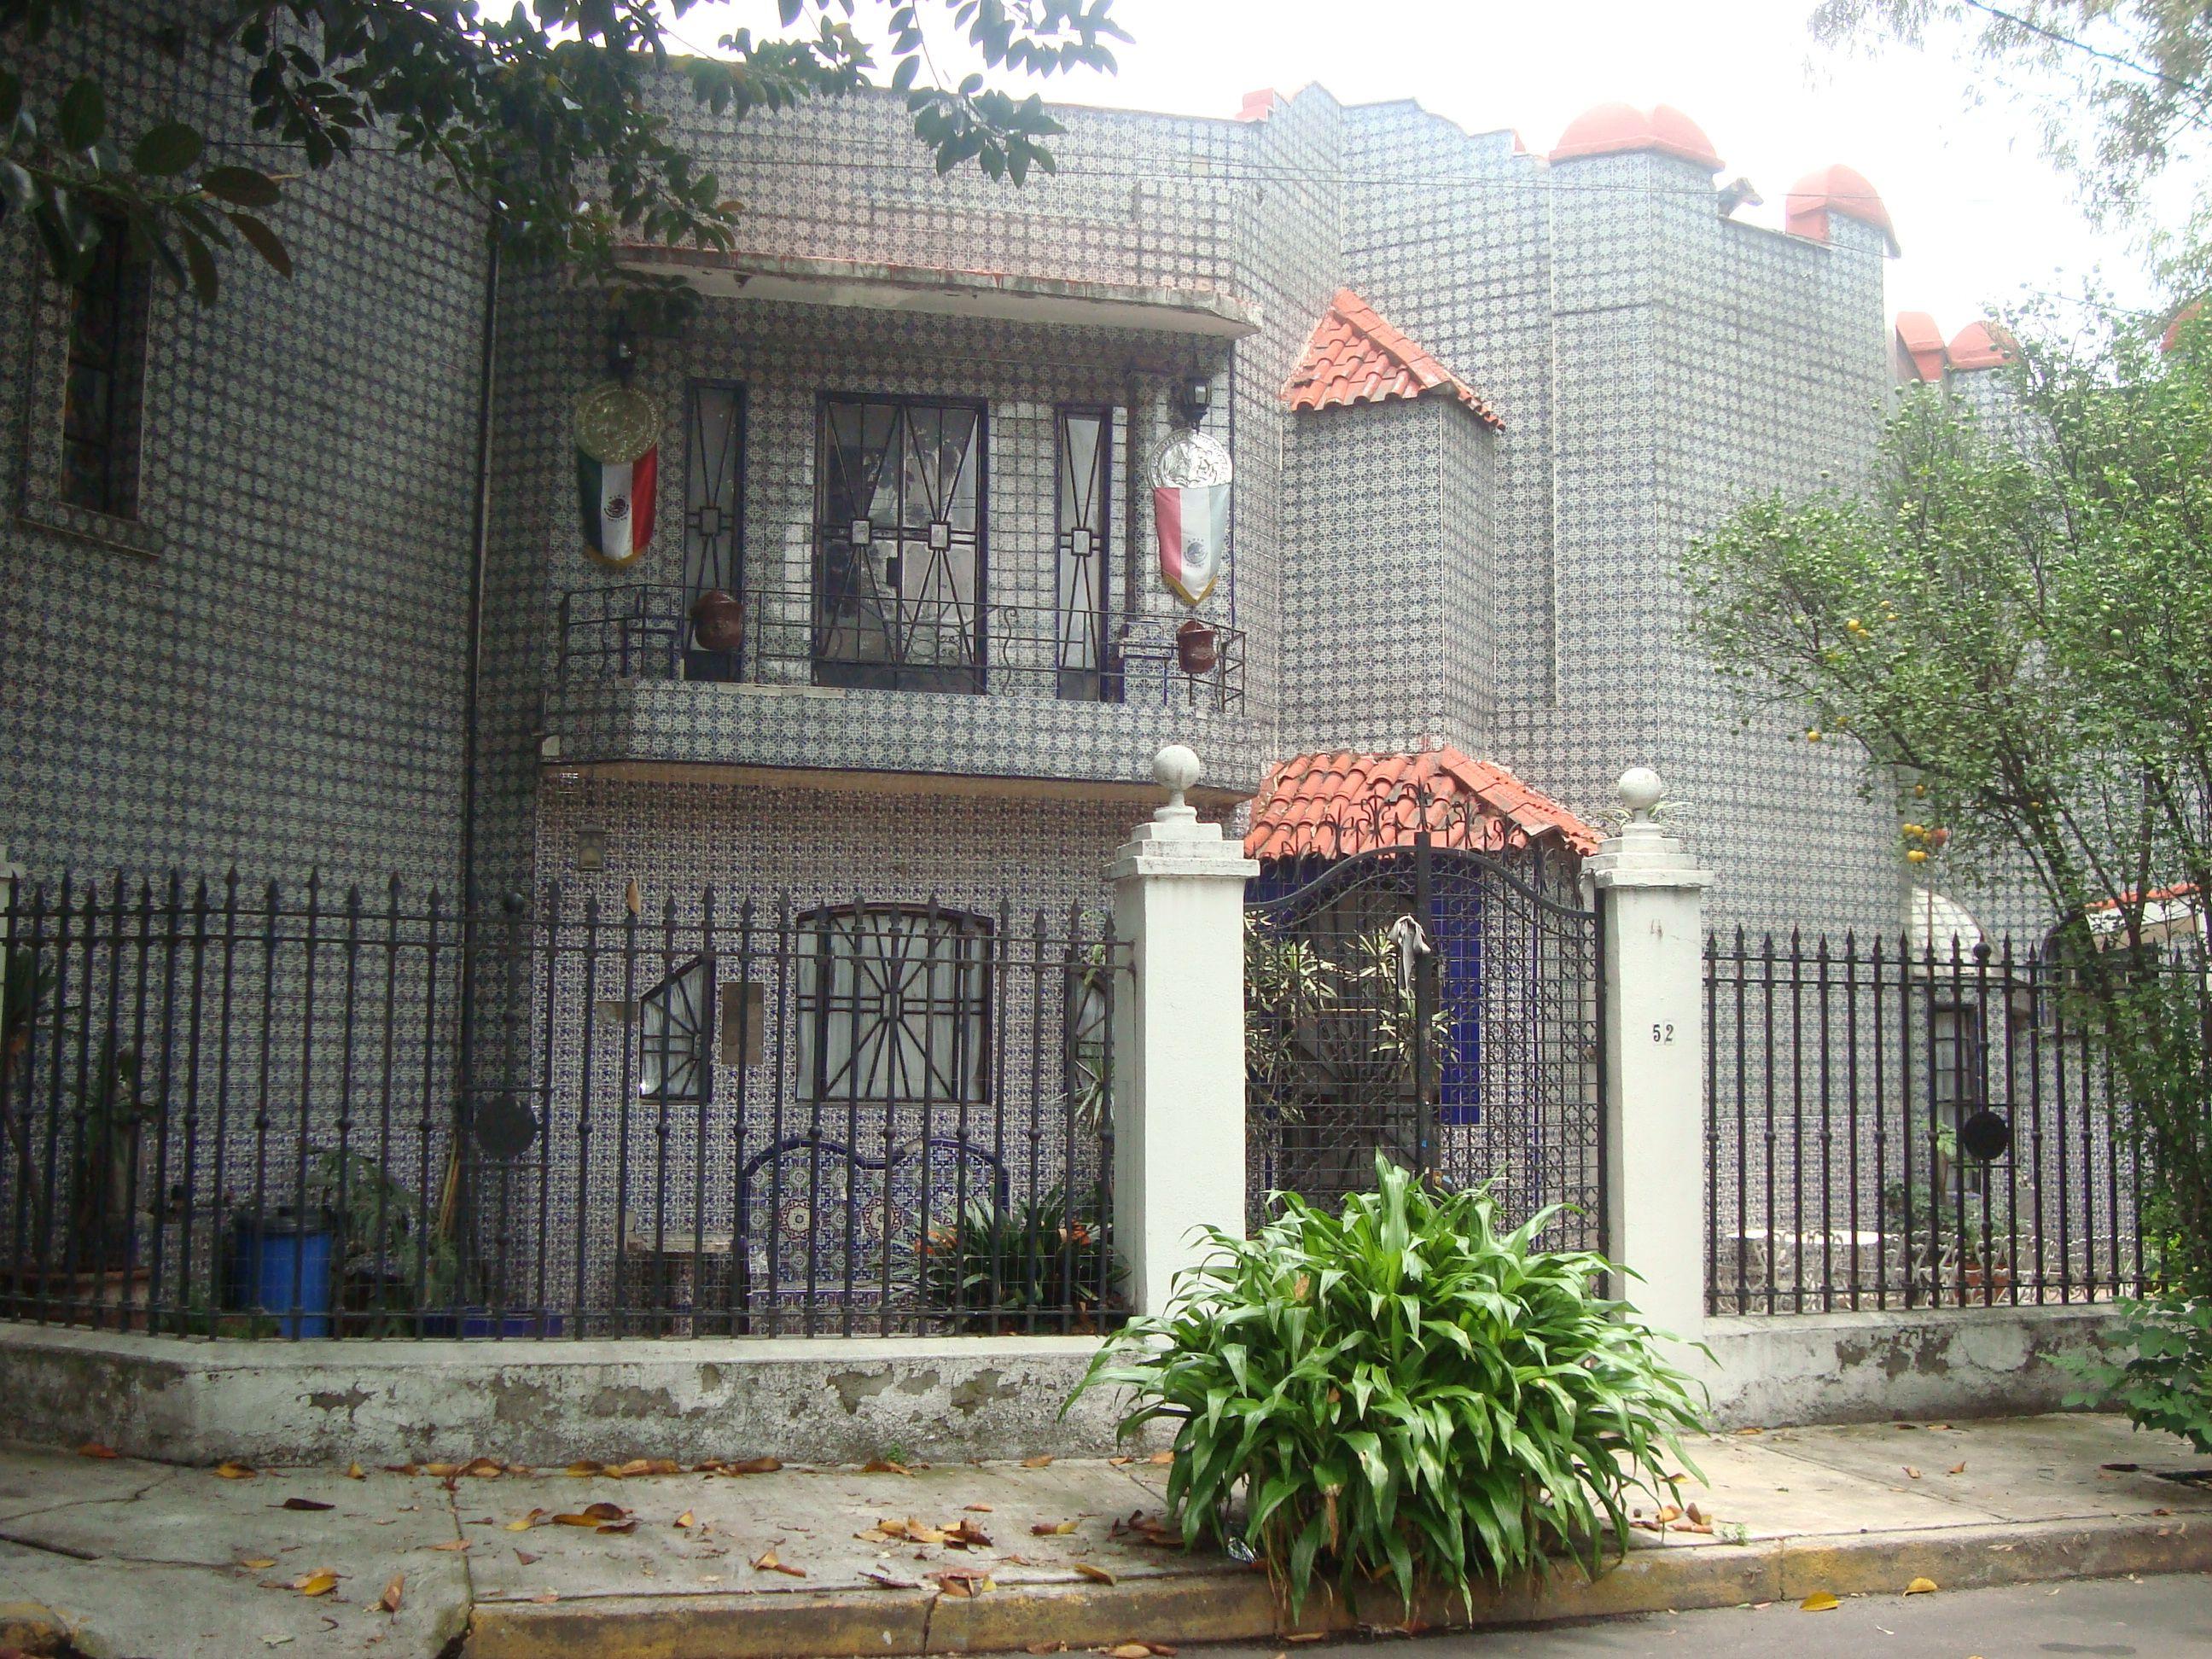 Casas Antiguas de la Colonia Claveria y zonas aledañas a